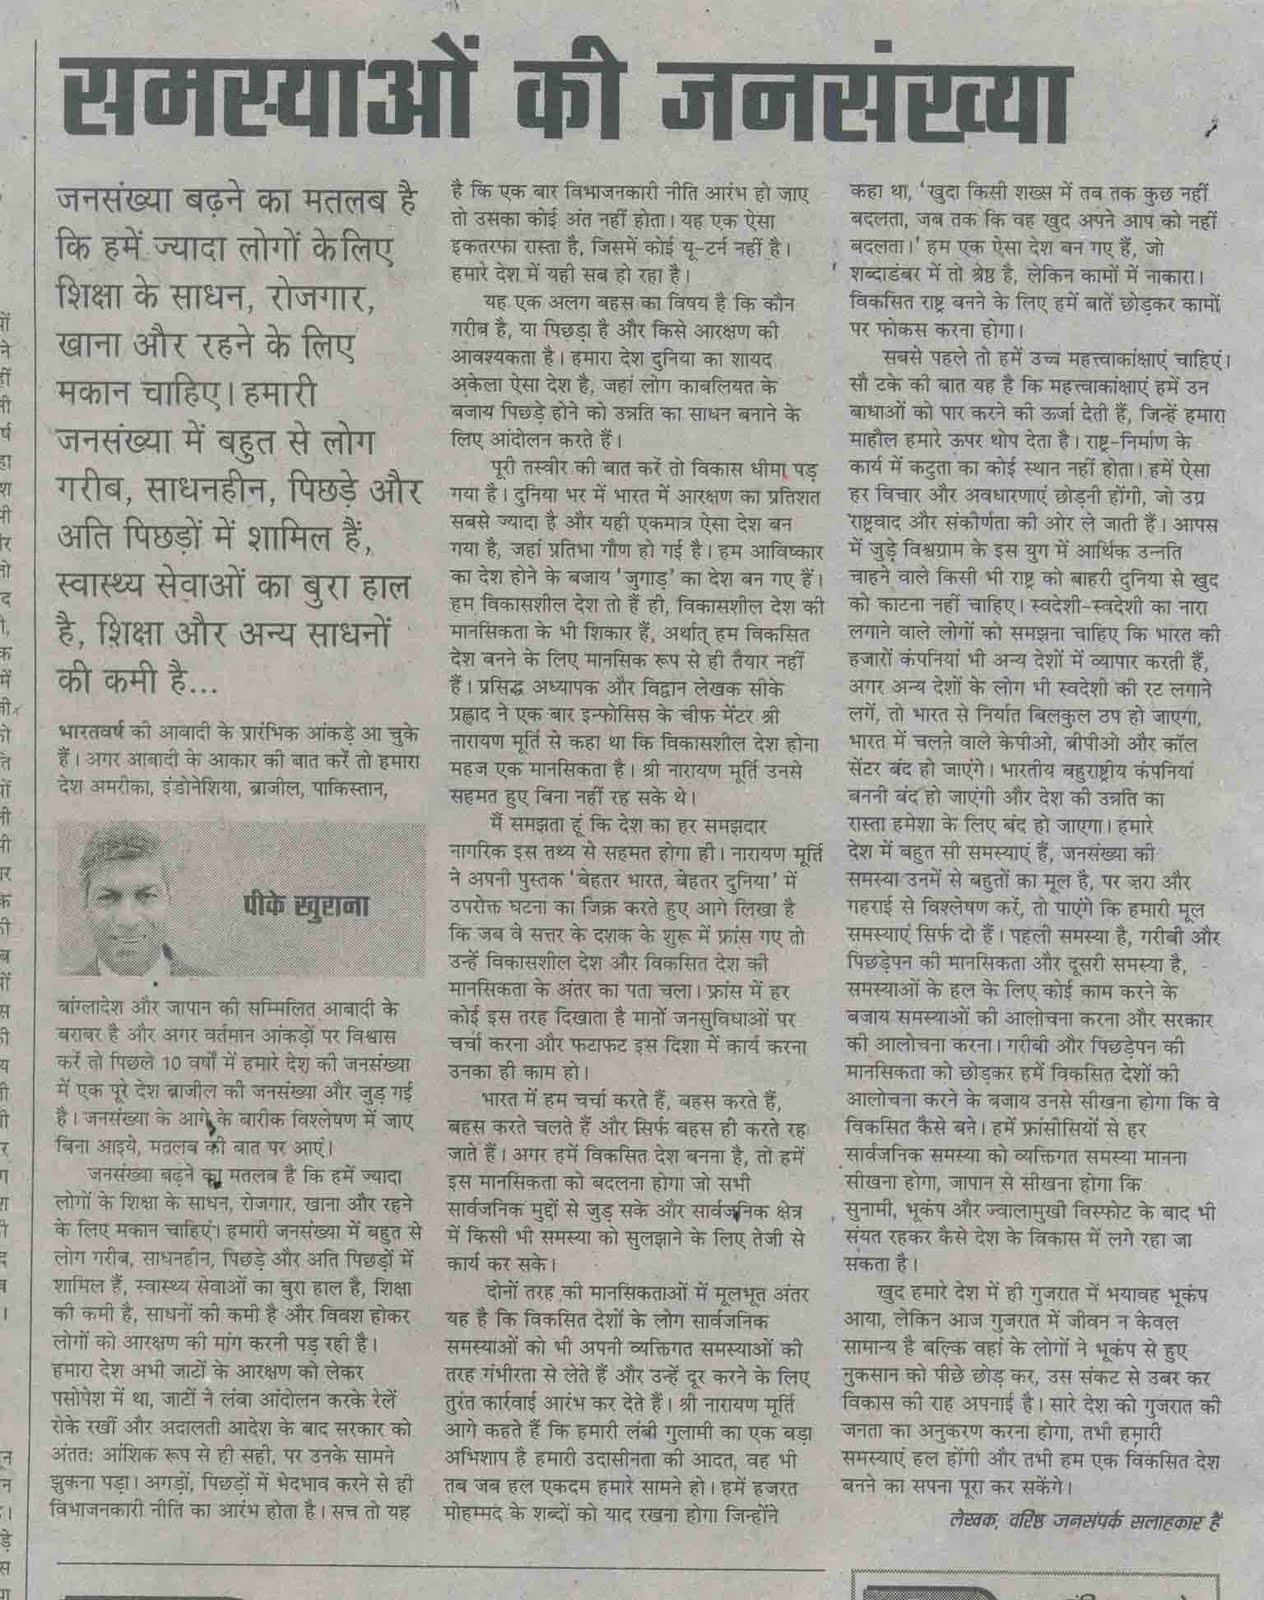 bharat ki jansankhya easy 23 सितंबर 2015  jansankhya population samasya karan in india कहा जाता है कि किसी भी  चीज की अति अच्छी नहीं होती| फिर चाहे वह अति.